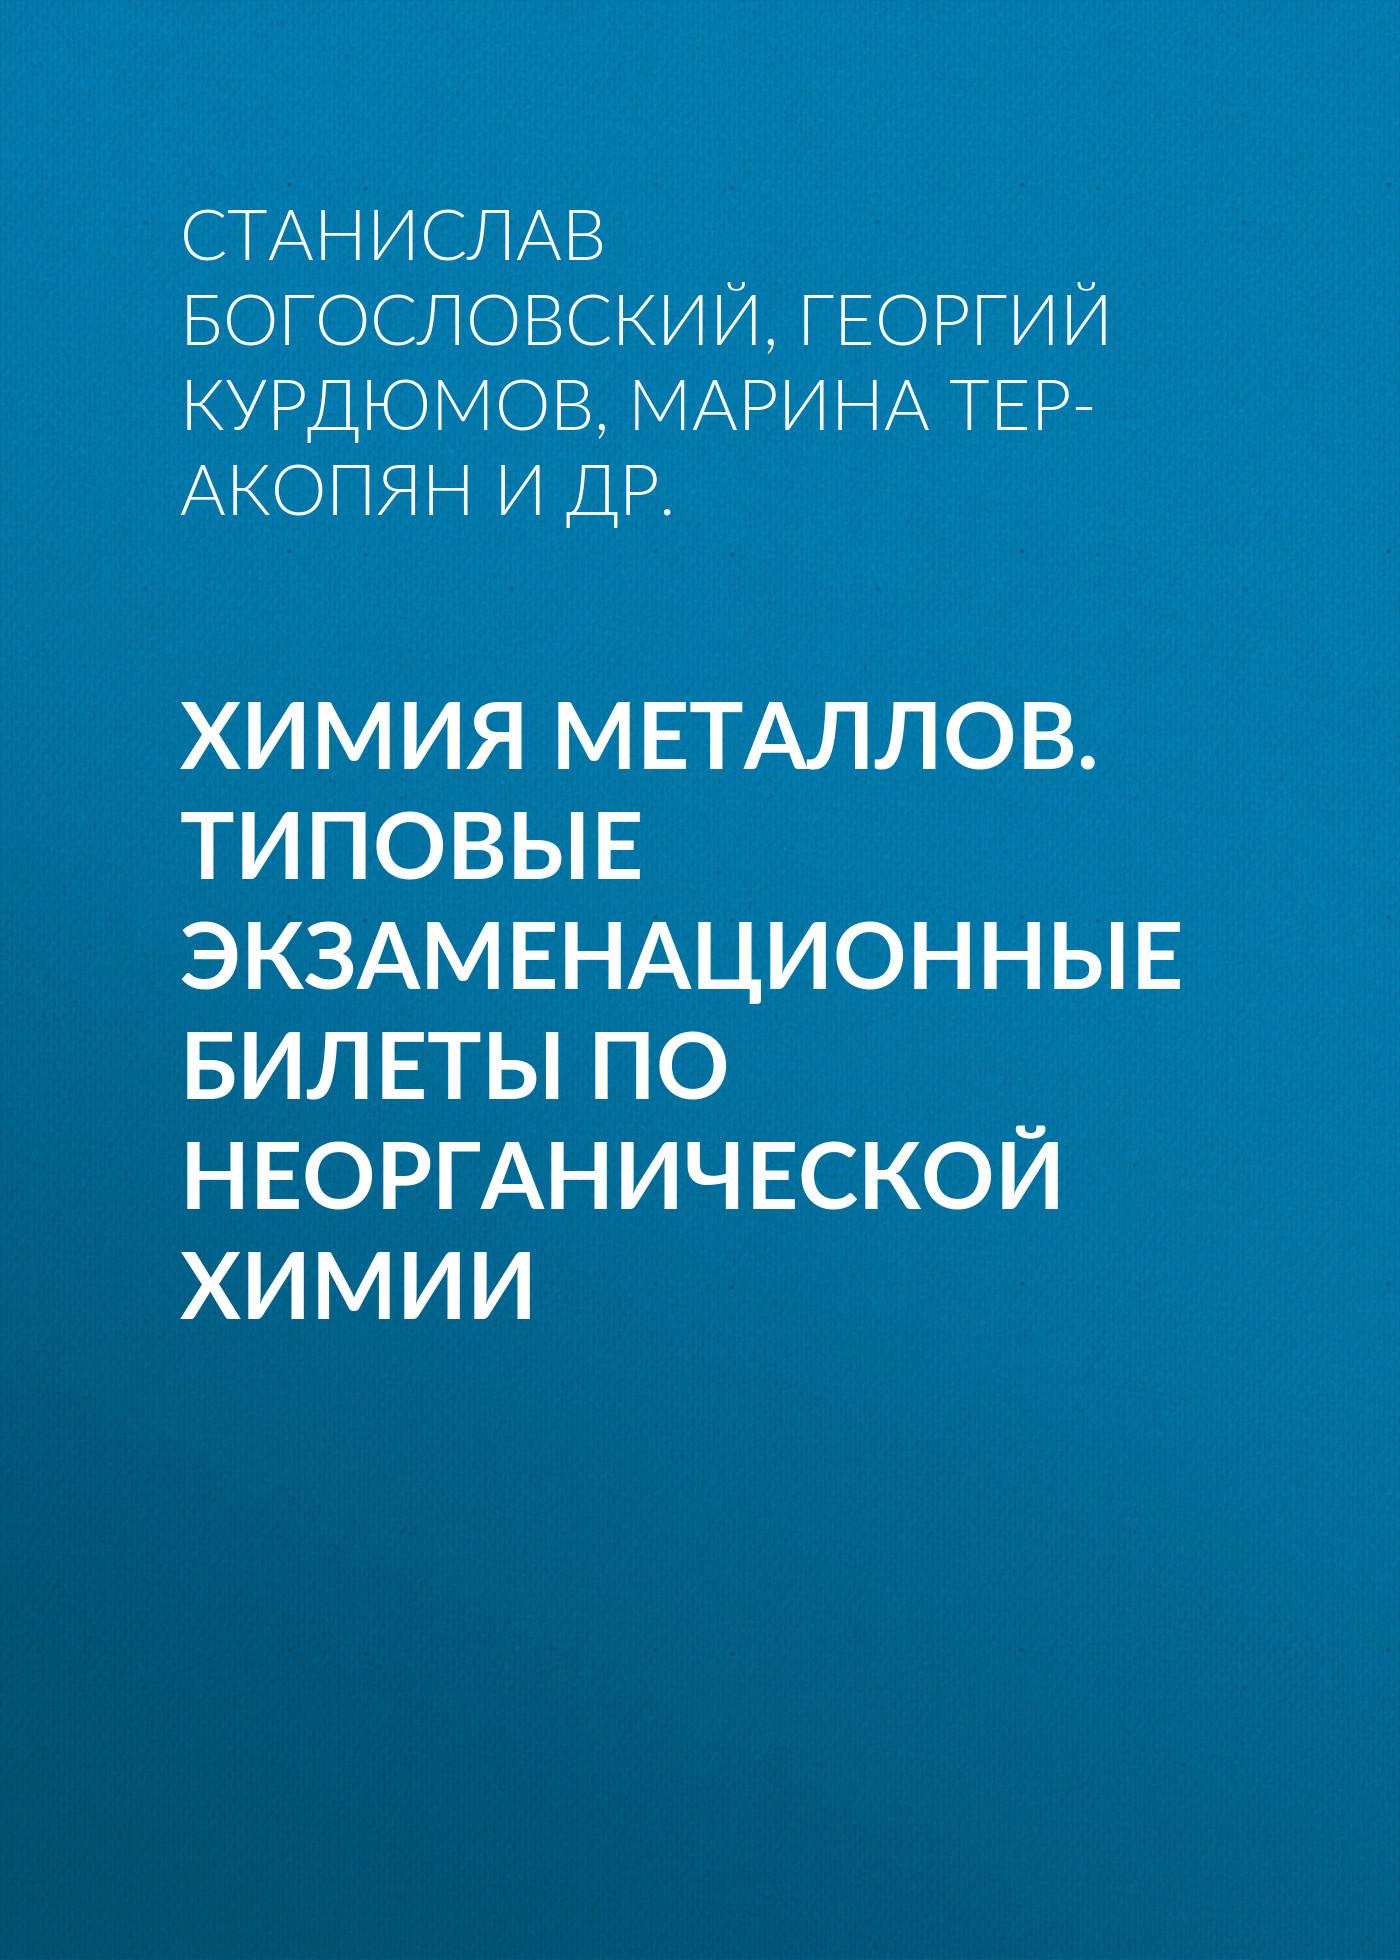 Марина Тер-Акопян Химия металлов. Типовые экзаменационные билеты по неорганической химии